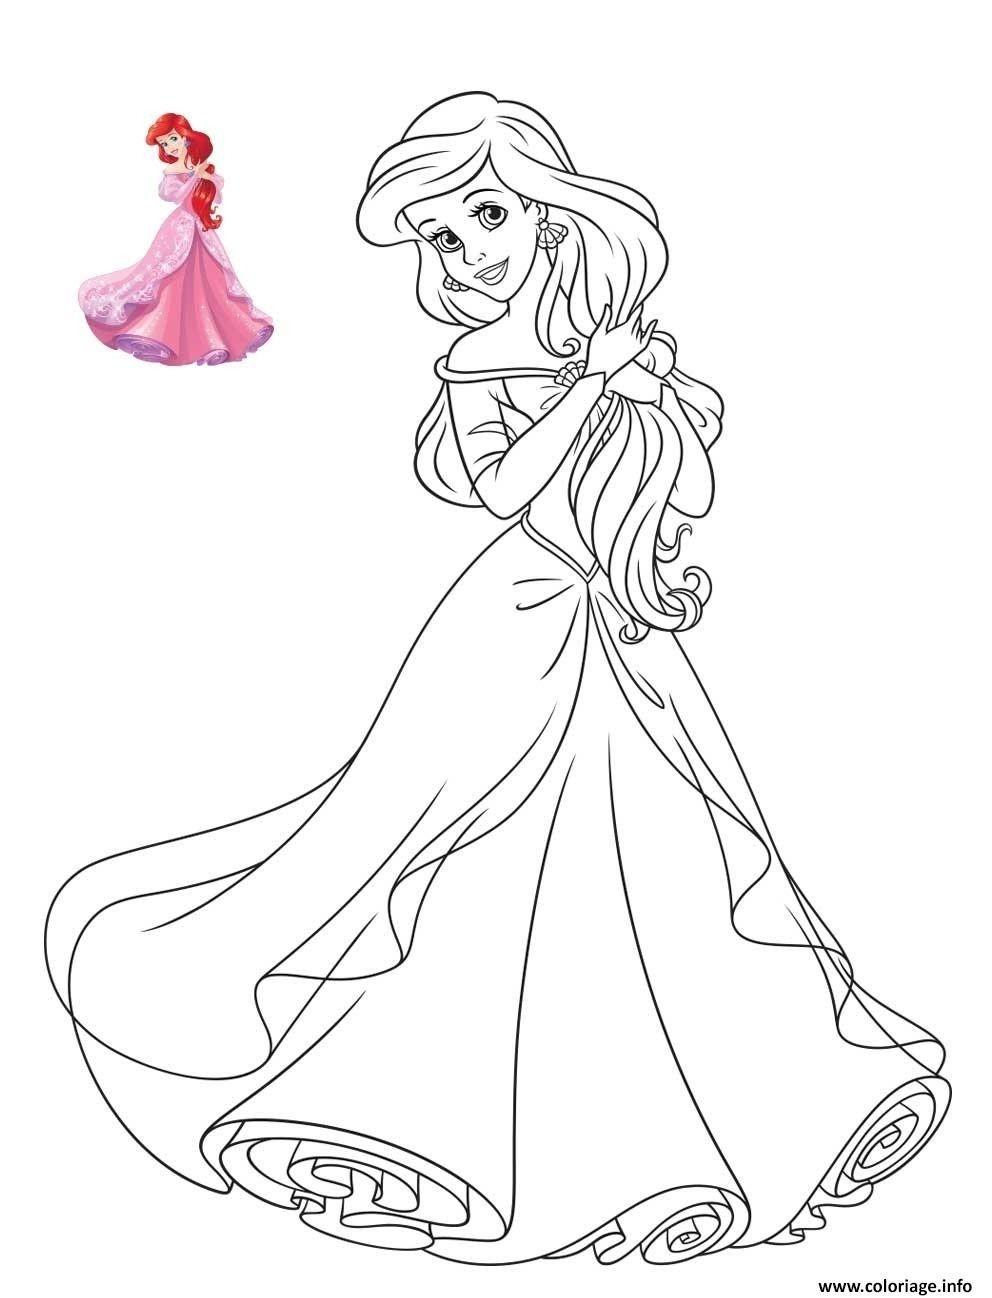 Coloriage De Princesse Disney Ariel  Disney princess coloring